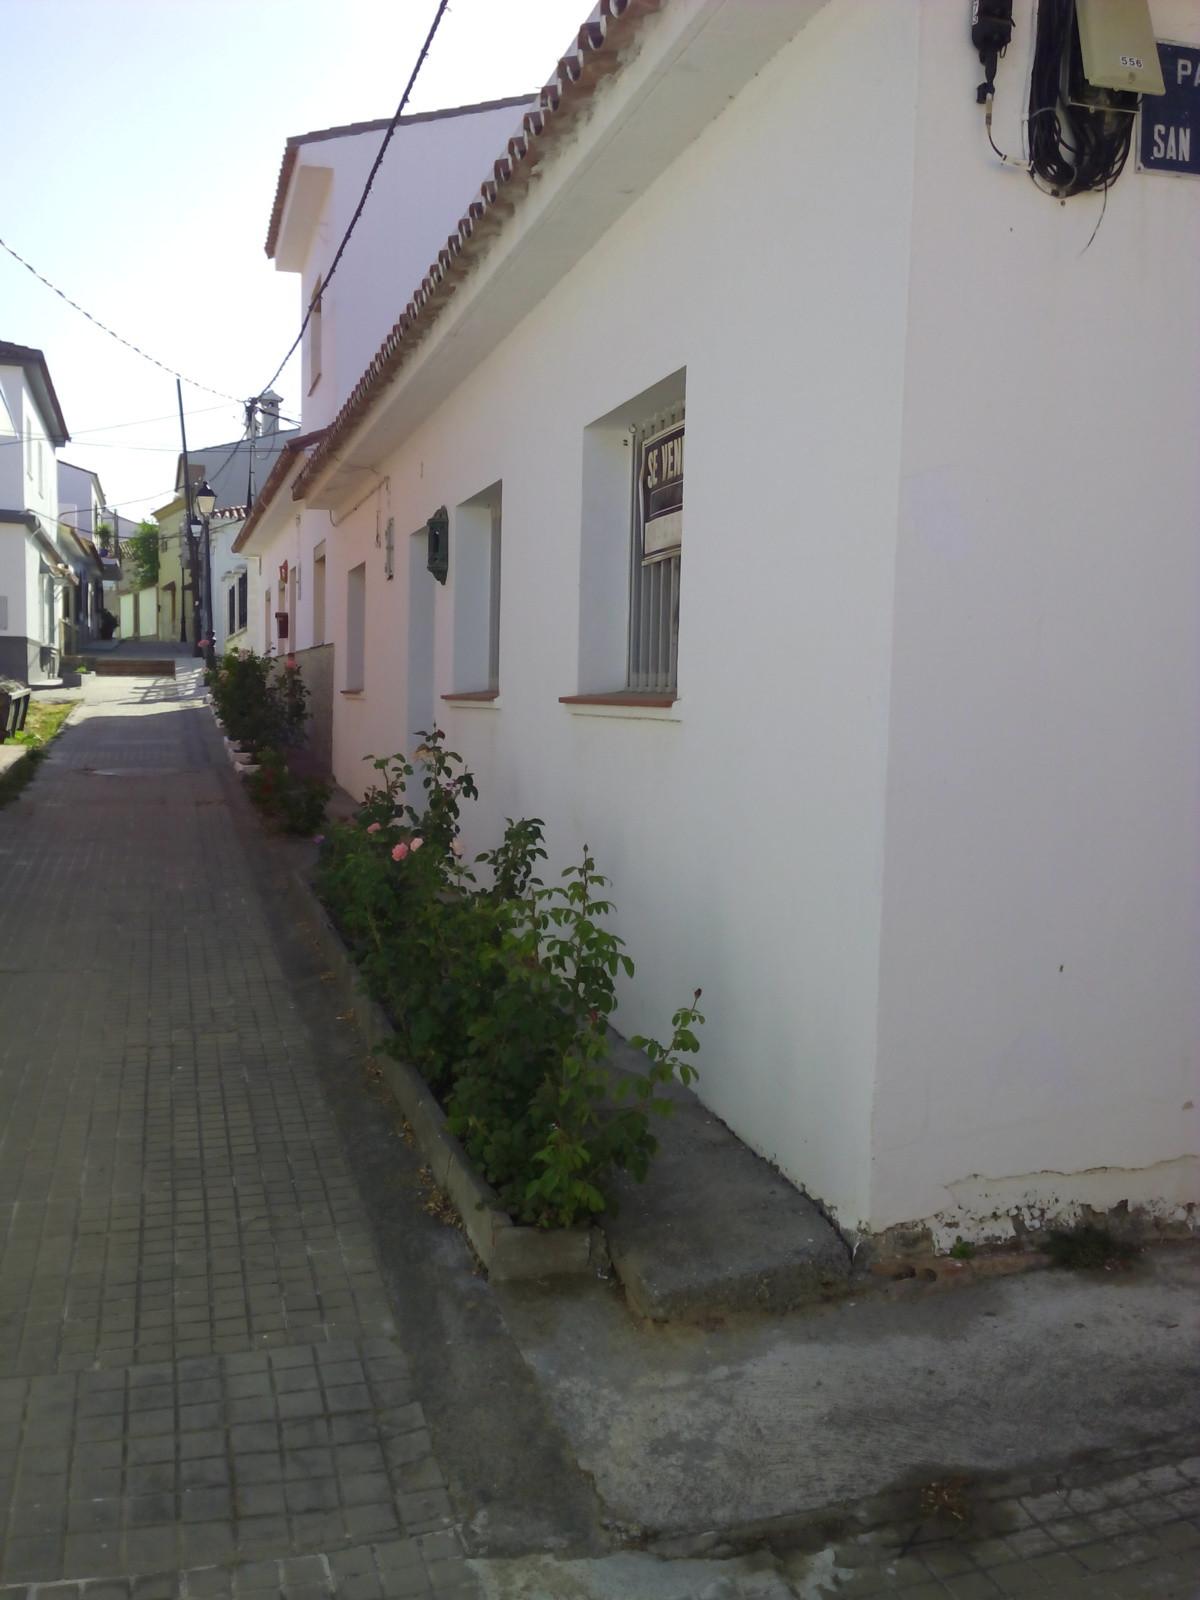 Townhouse for sale in Guadiaro, Costa del Sol